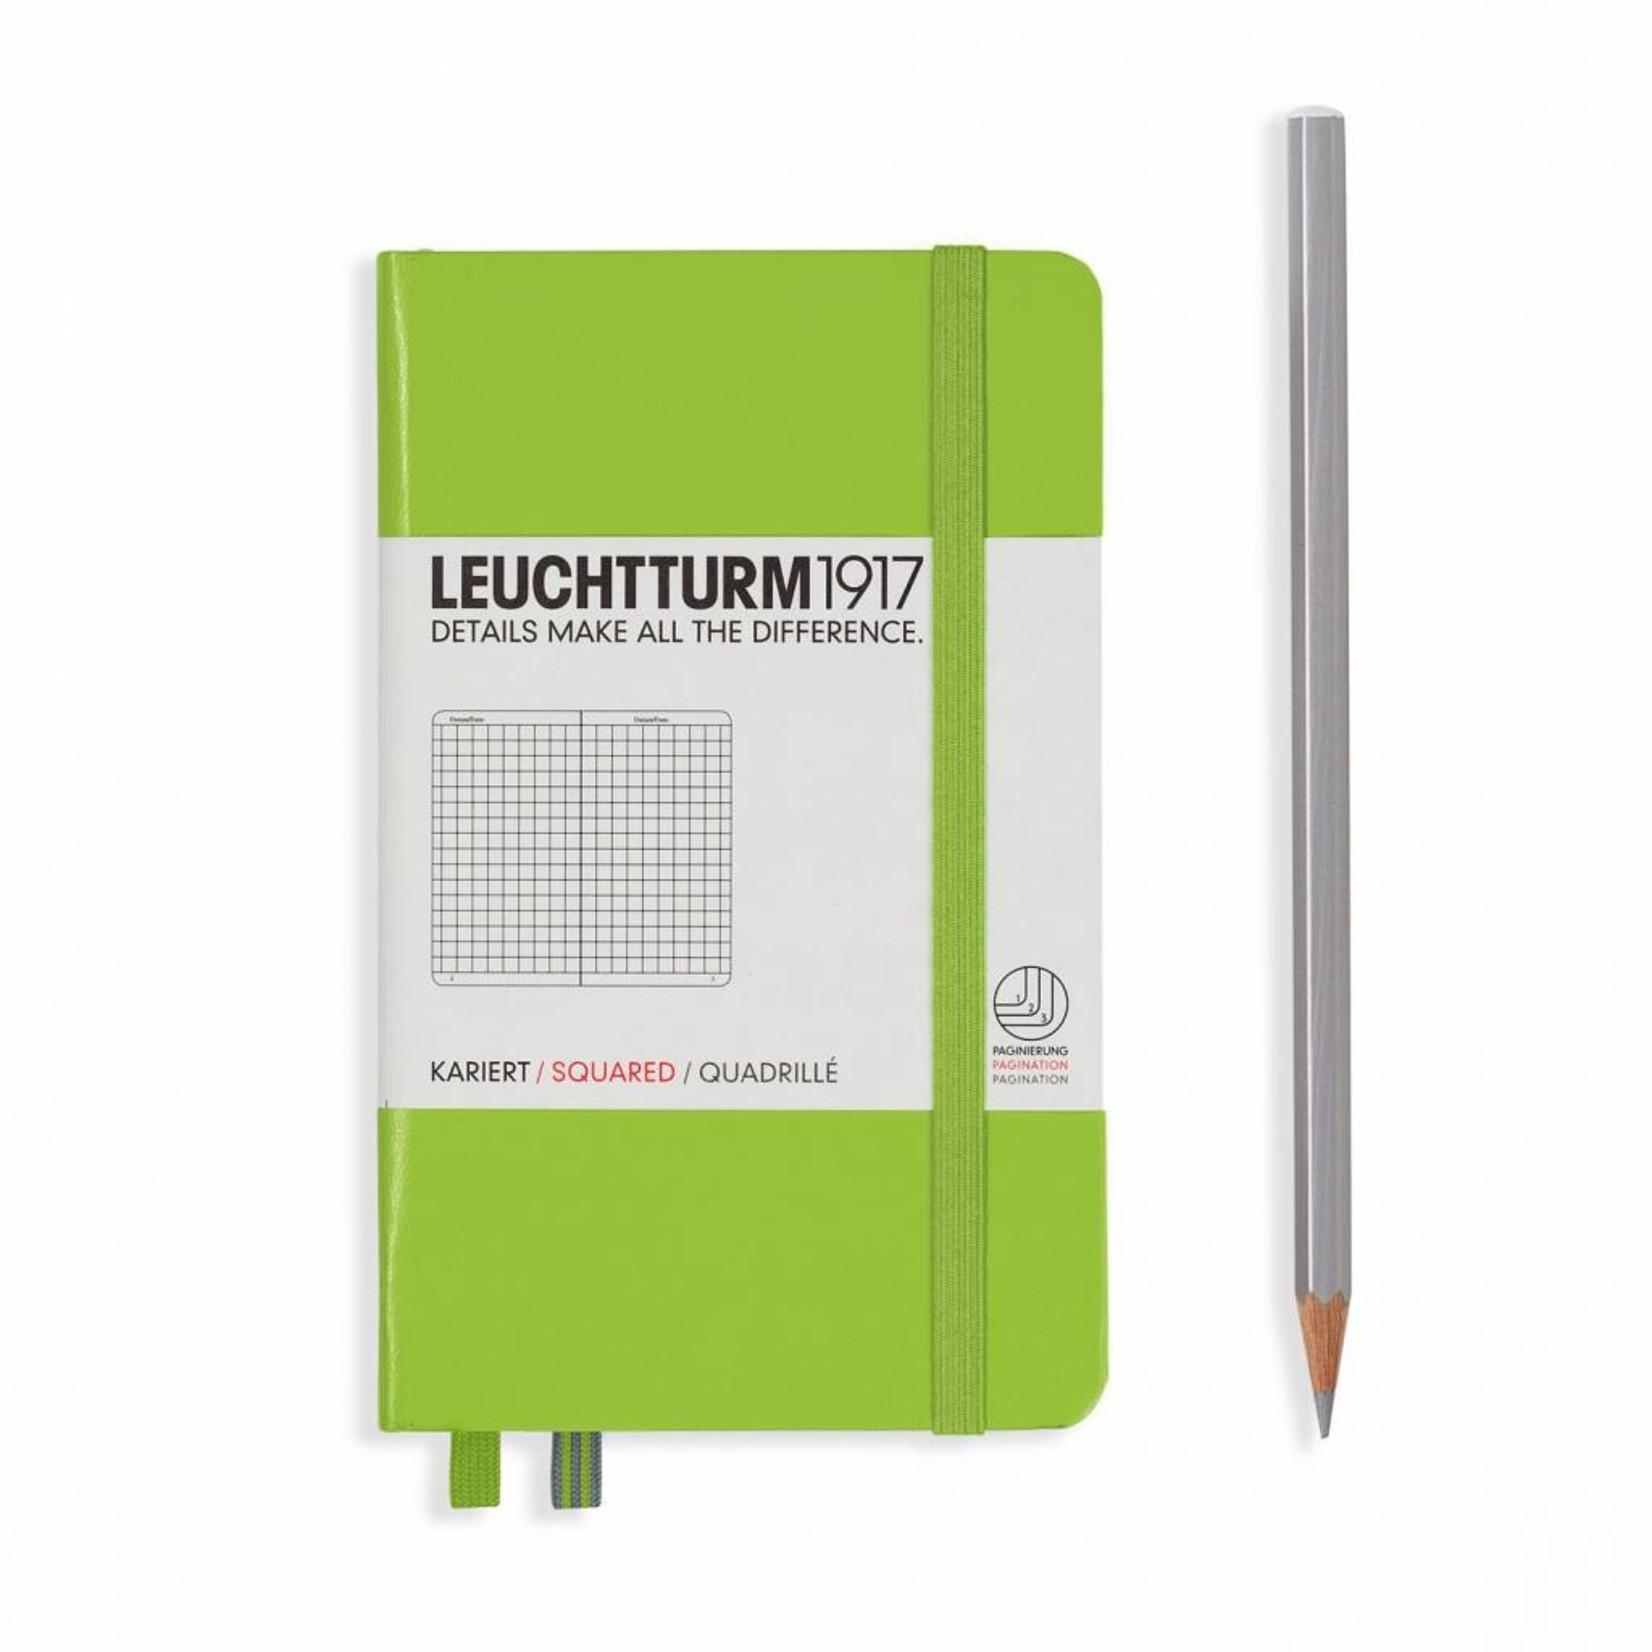 Leuchtturm1917 Leuchtturm1917 Notizbuch, Pocket, Schwarz, Liniert